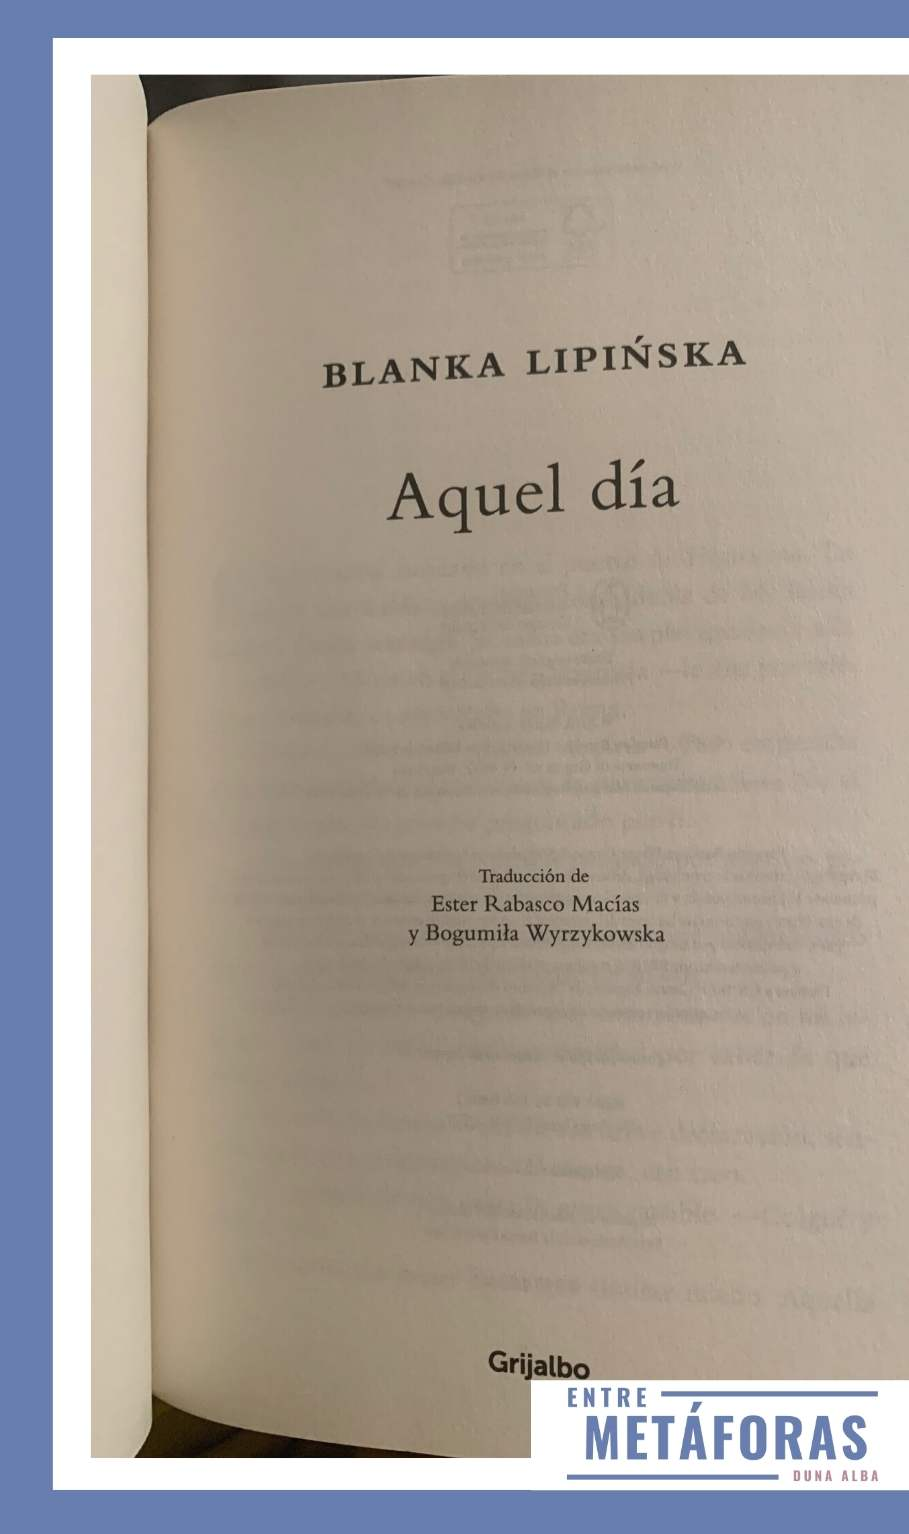 Aquel día de Blanka Lipinska